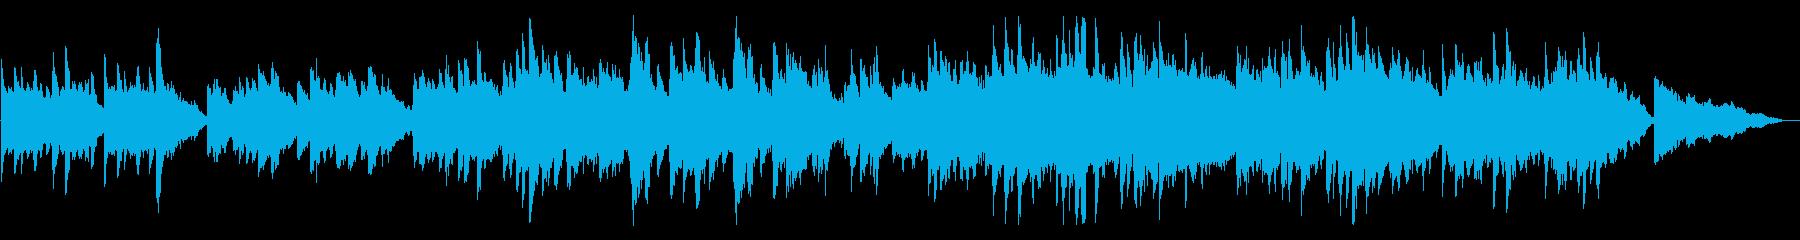 ストリングスが切なく響くピアノのバラードの再生済みの波形